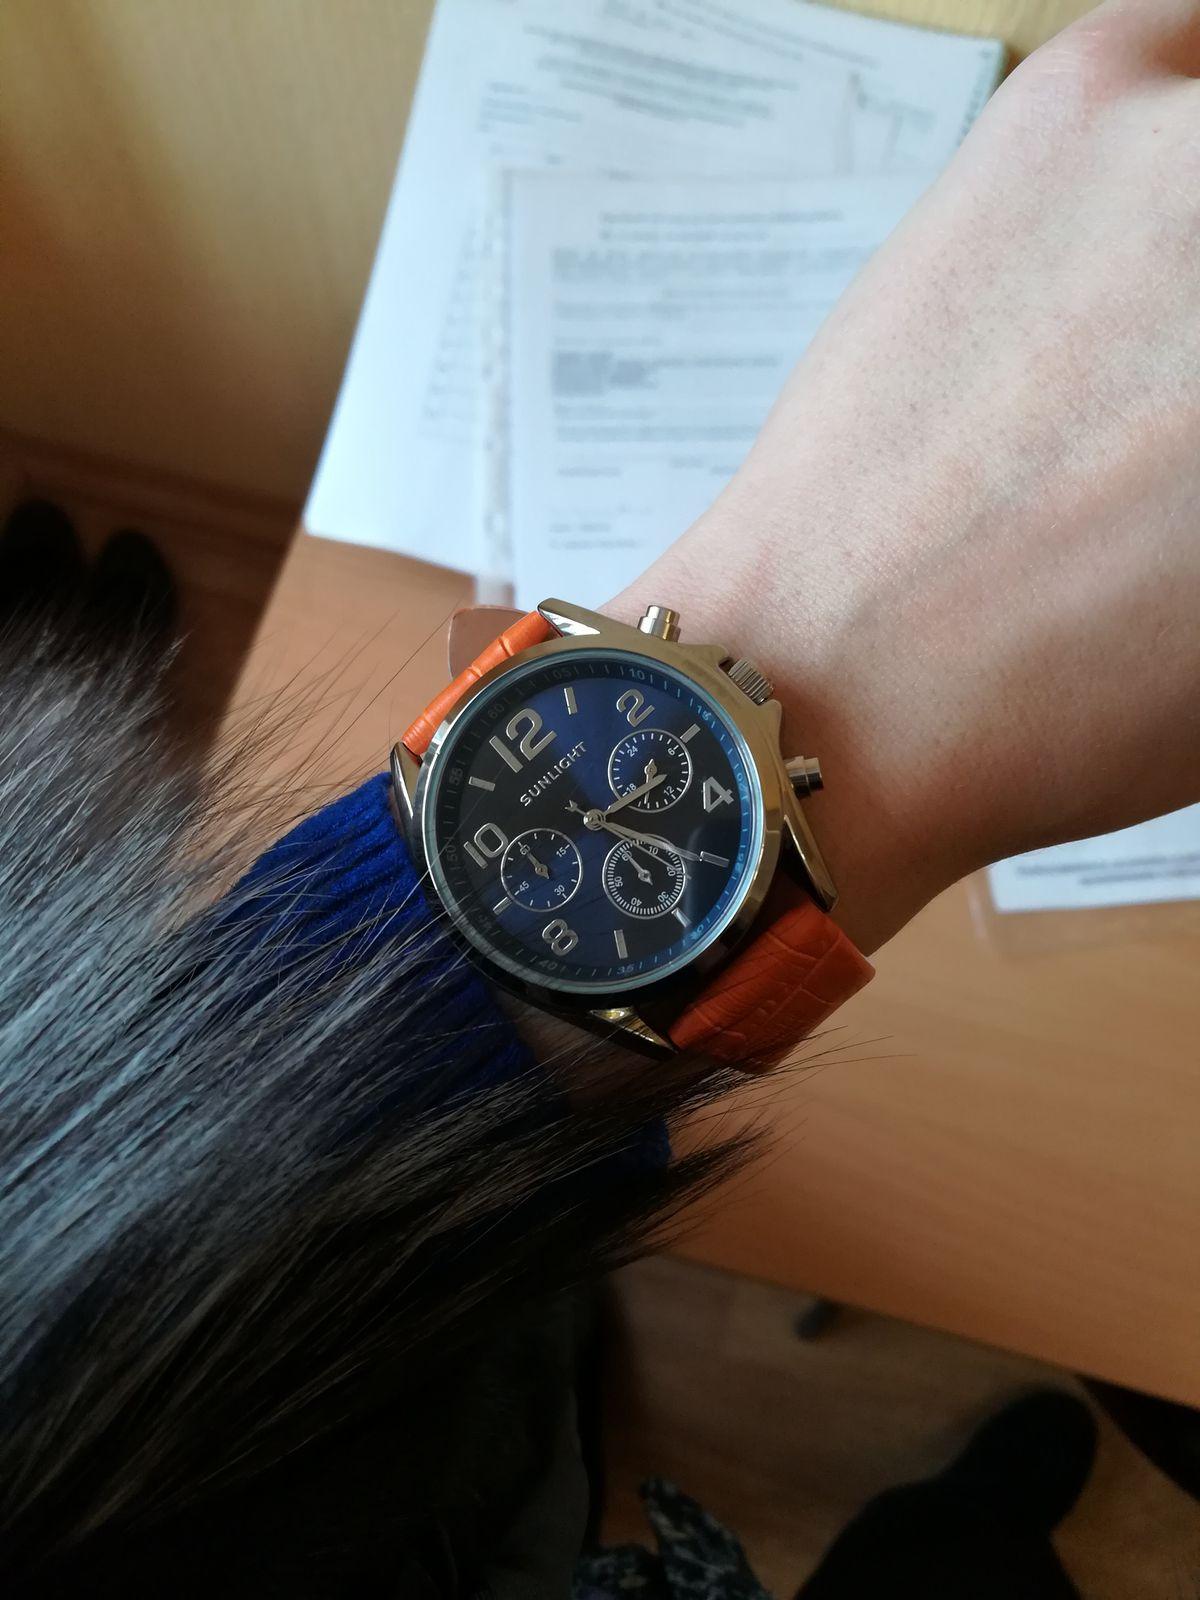 Крутые часы, стильный аксессуар. Любителям стиля унисекс советую))